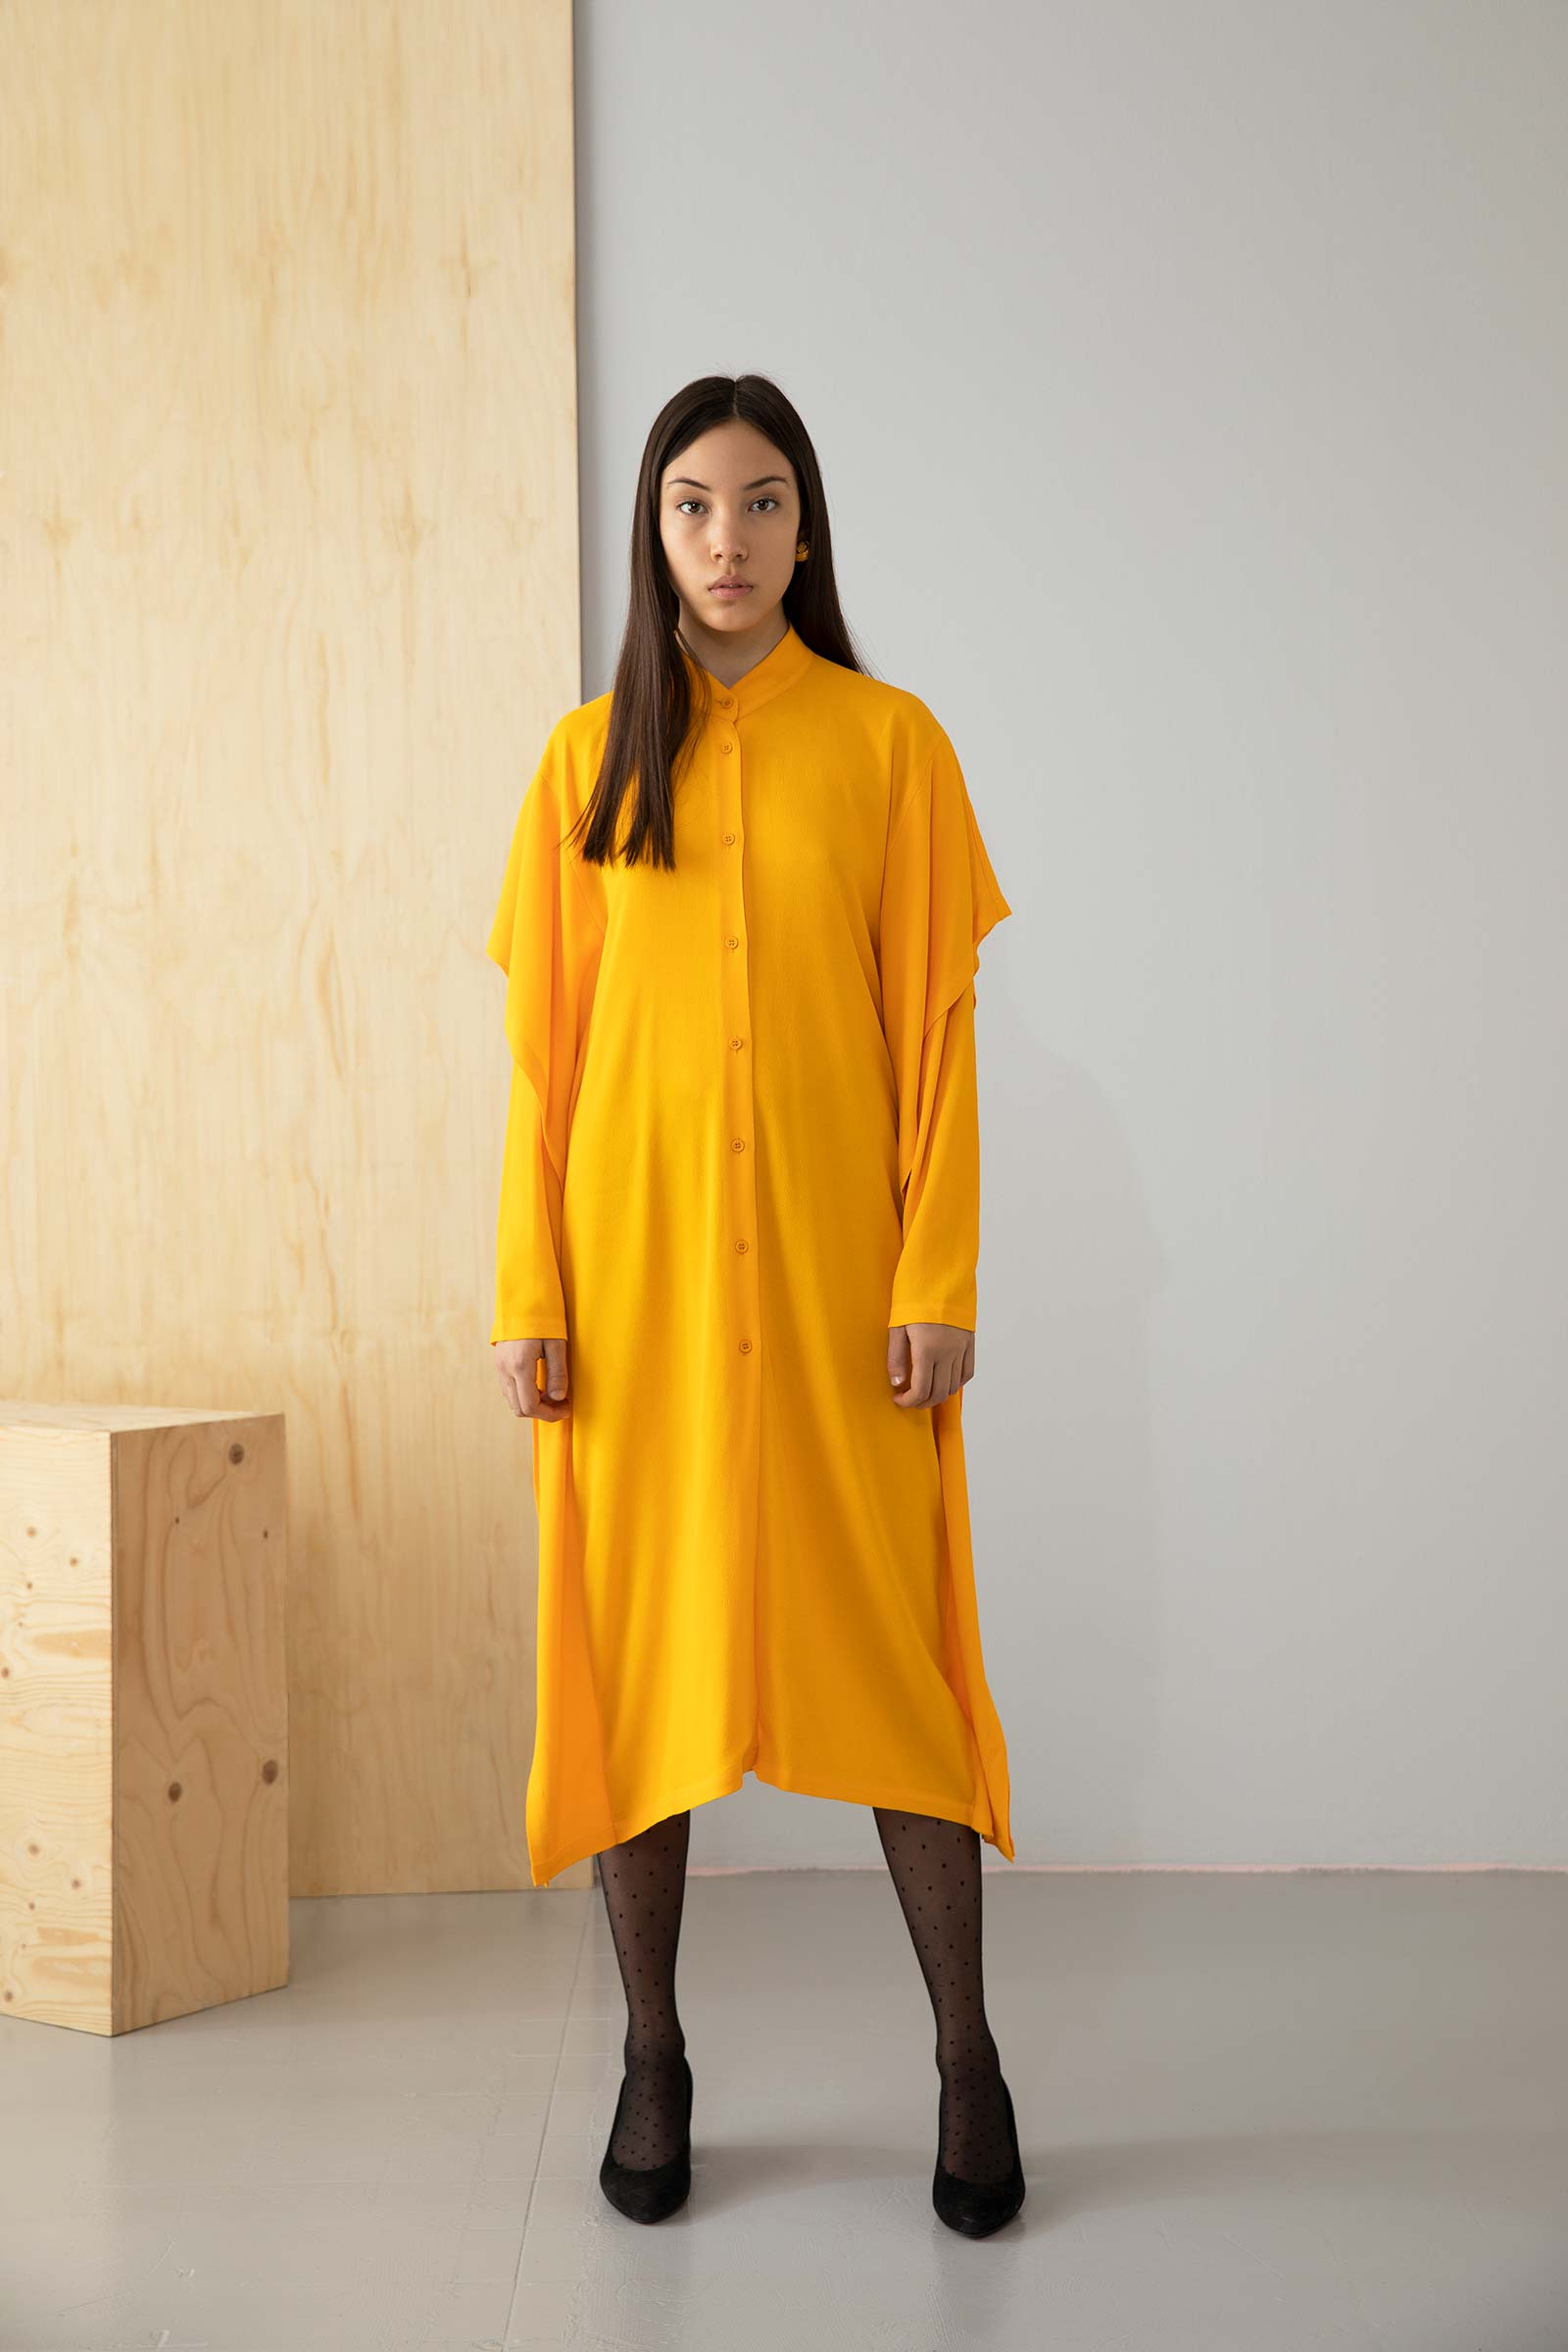 Modell i gul klänning fotograferad i studio